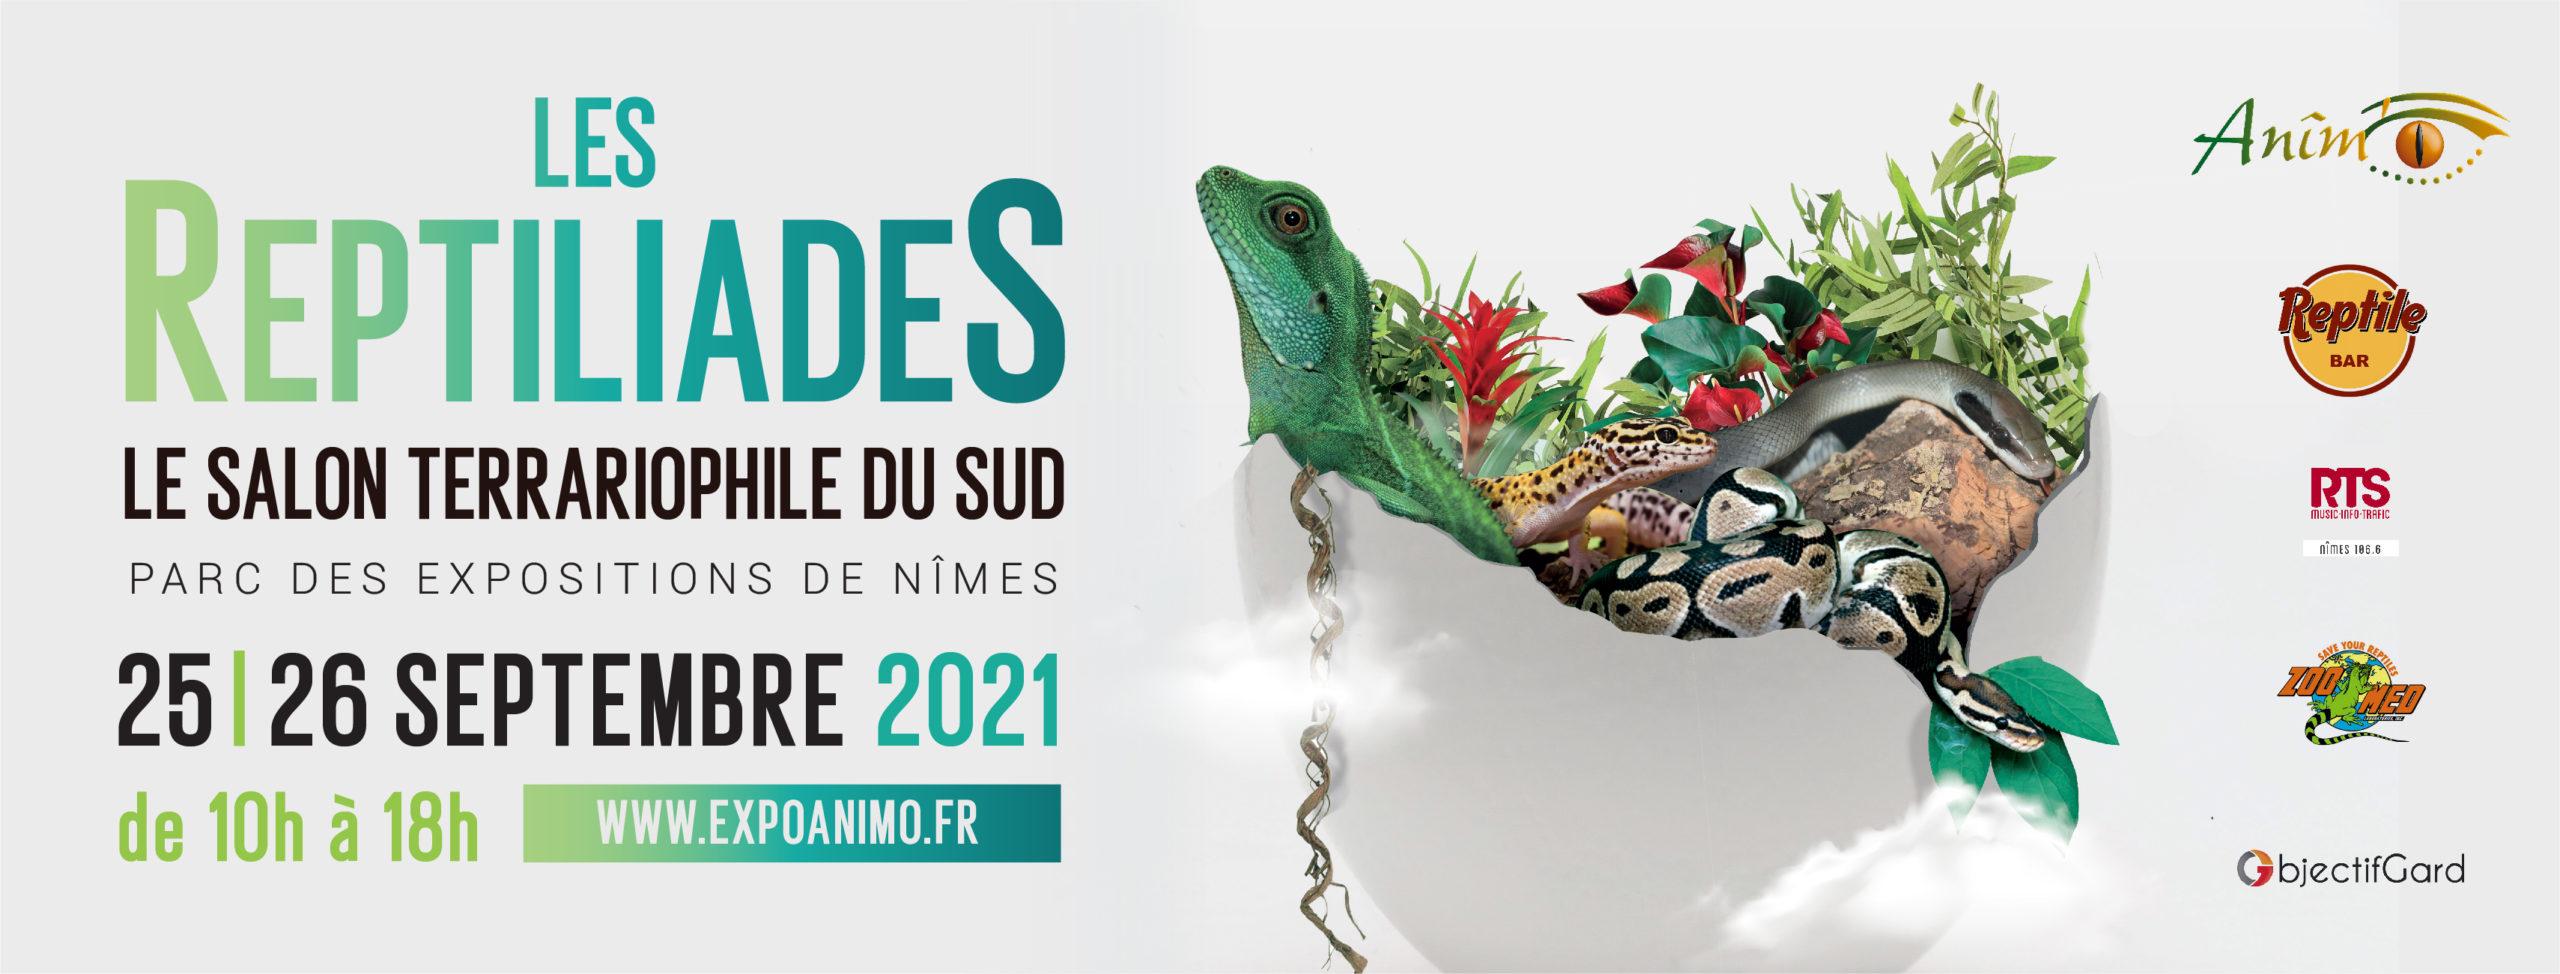 Les Reptiliades 2021